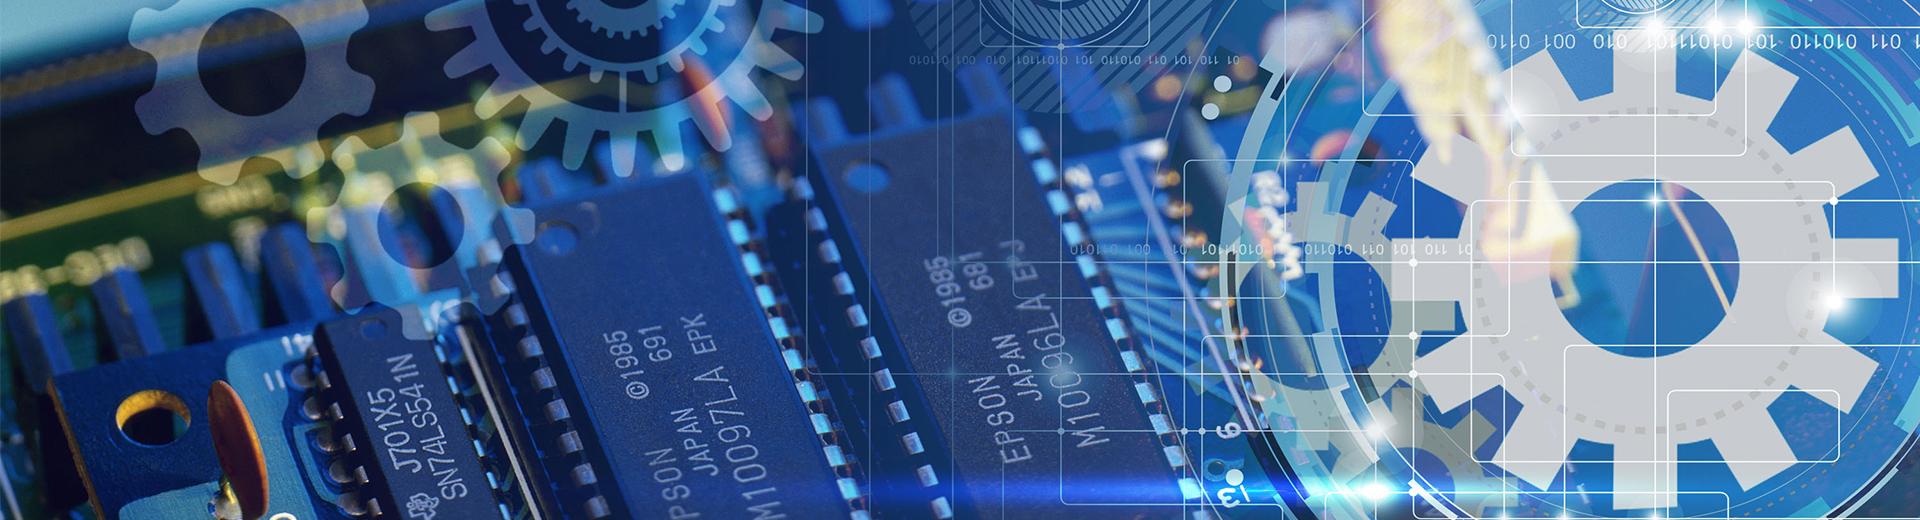 无线传感器网络产品